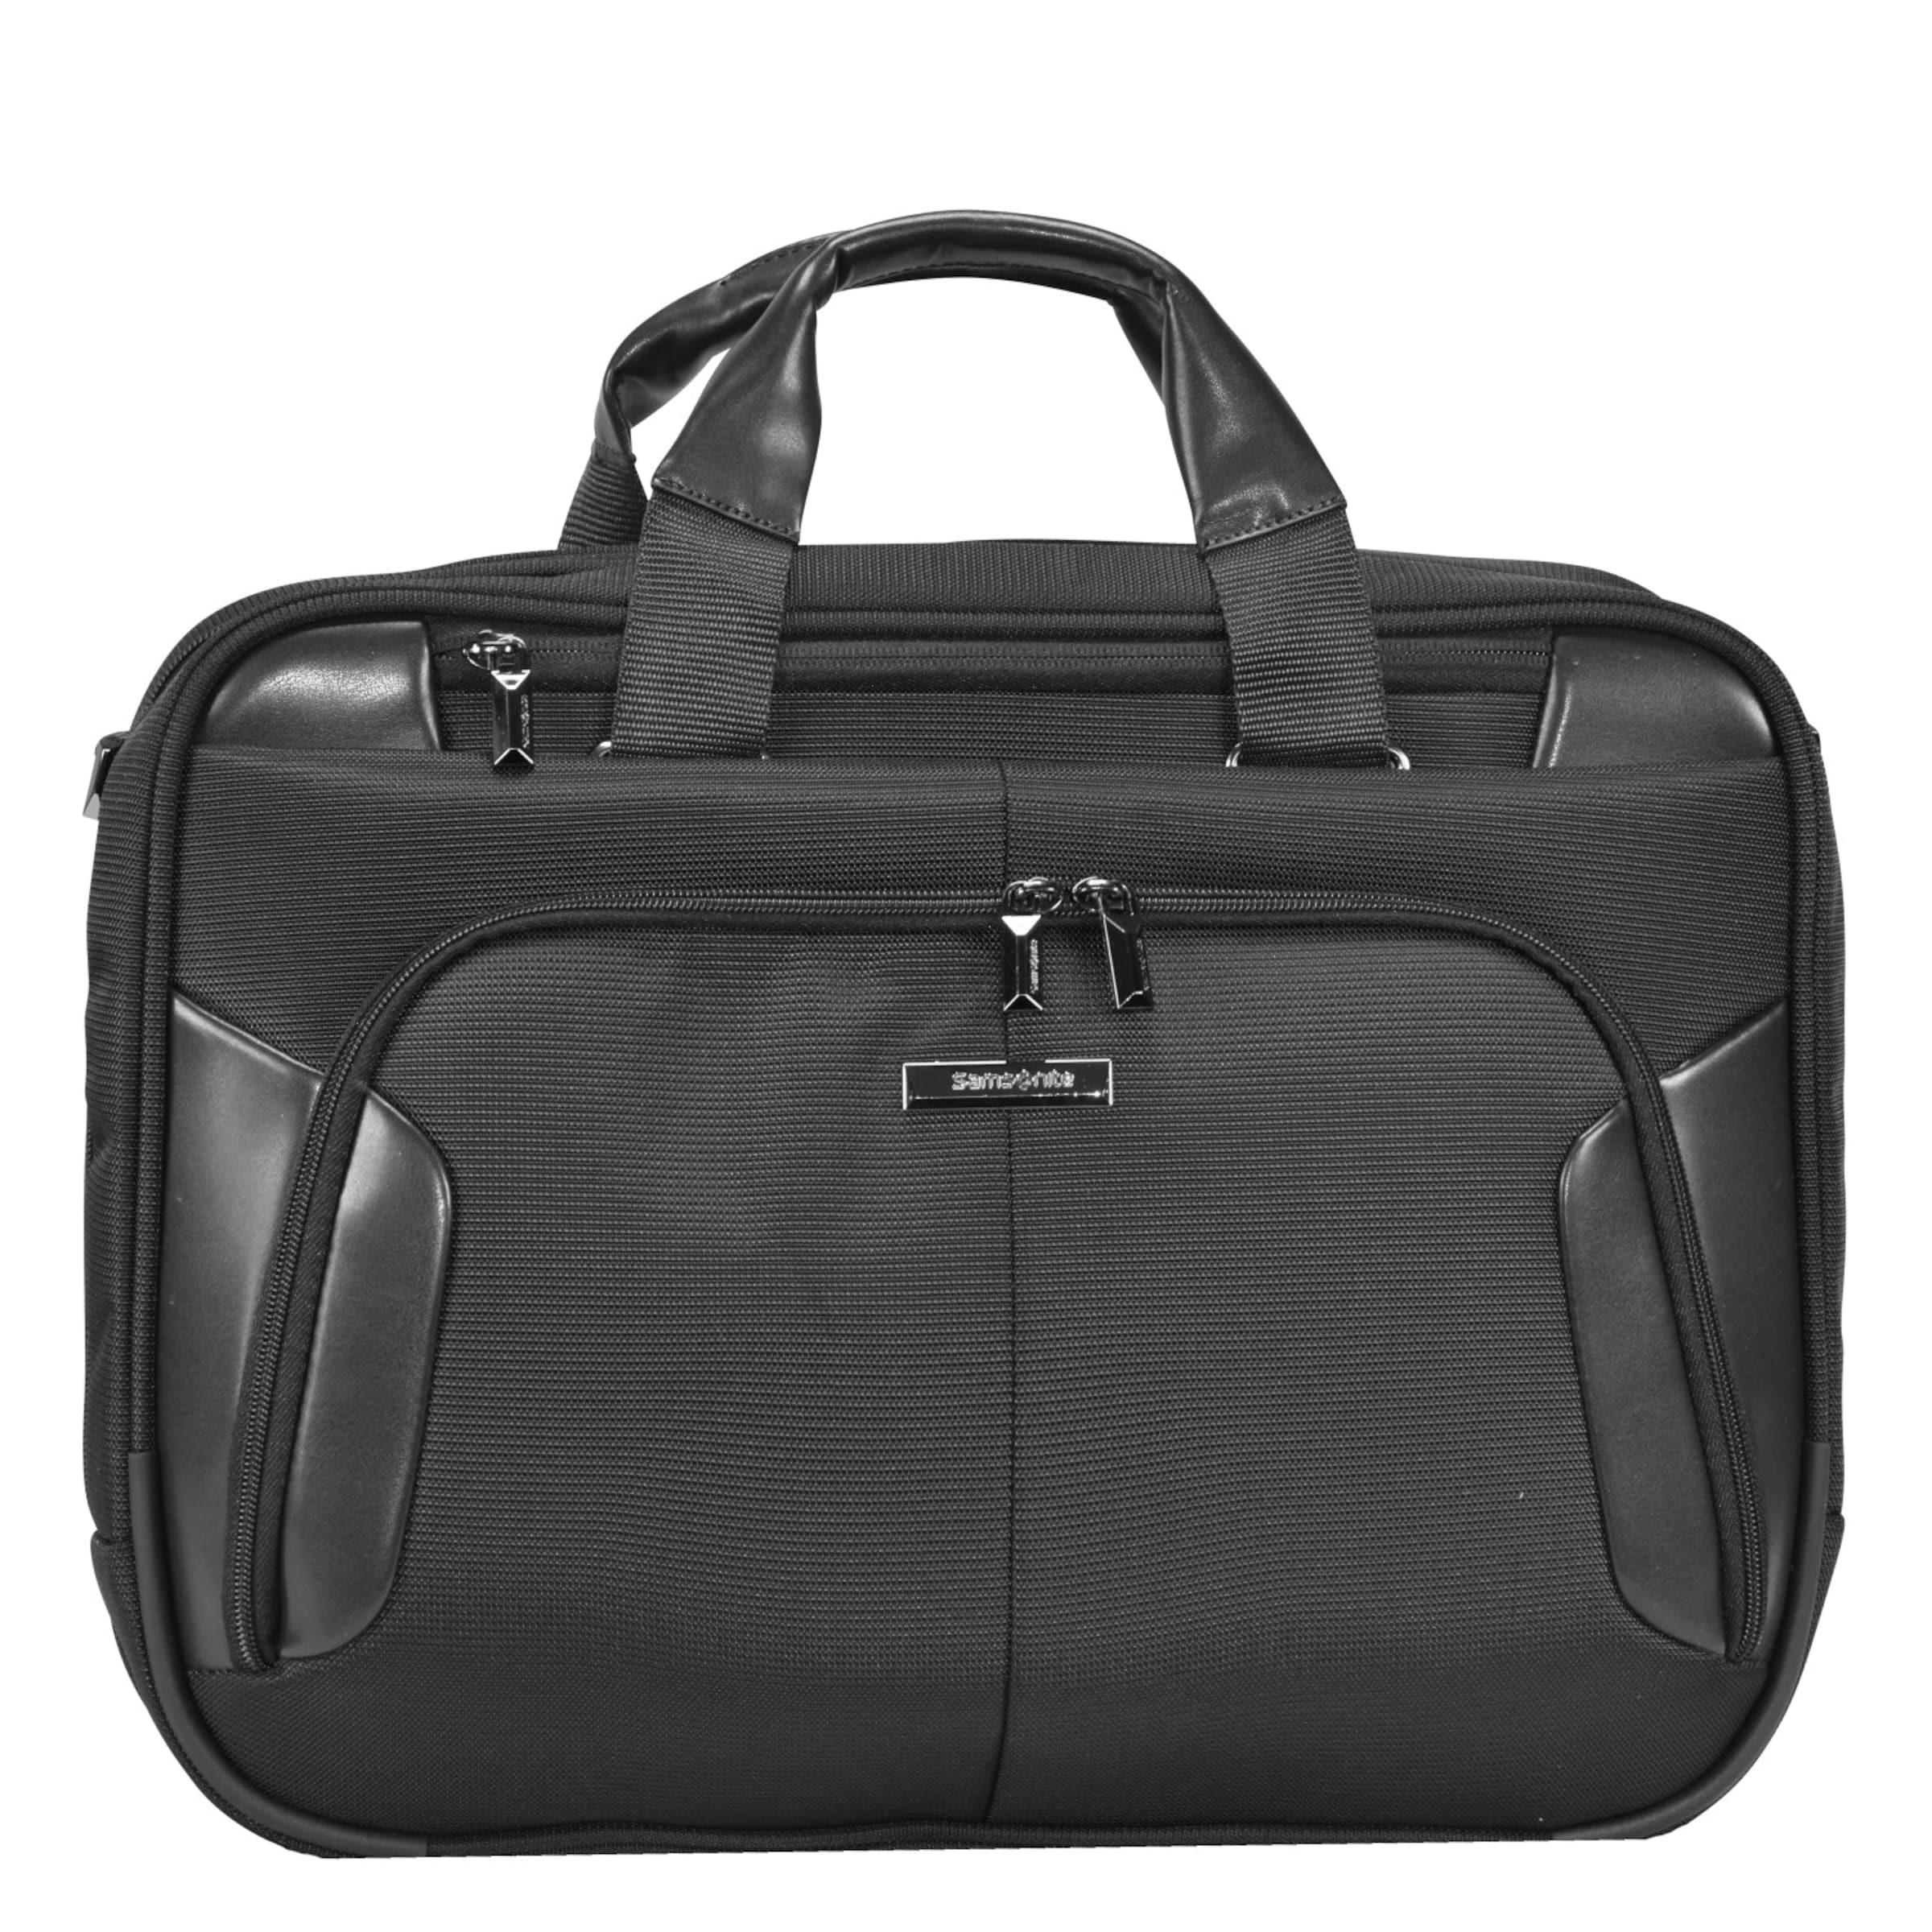 SAMSONITE XBR Aktentasche 44 cm Laptopfach Authentischer Online-Verkauf Verkauf Große Überraschung Zahlung Mit Visa GQIQ7Pm